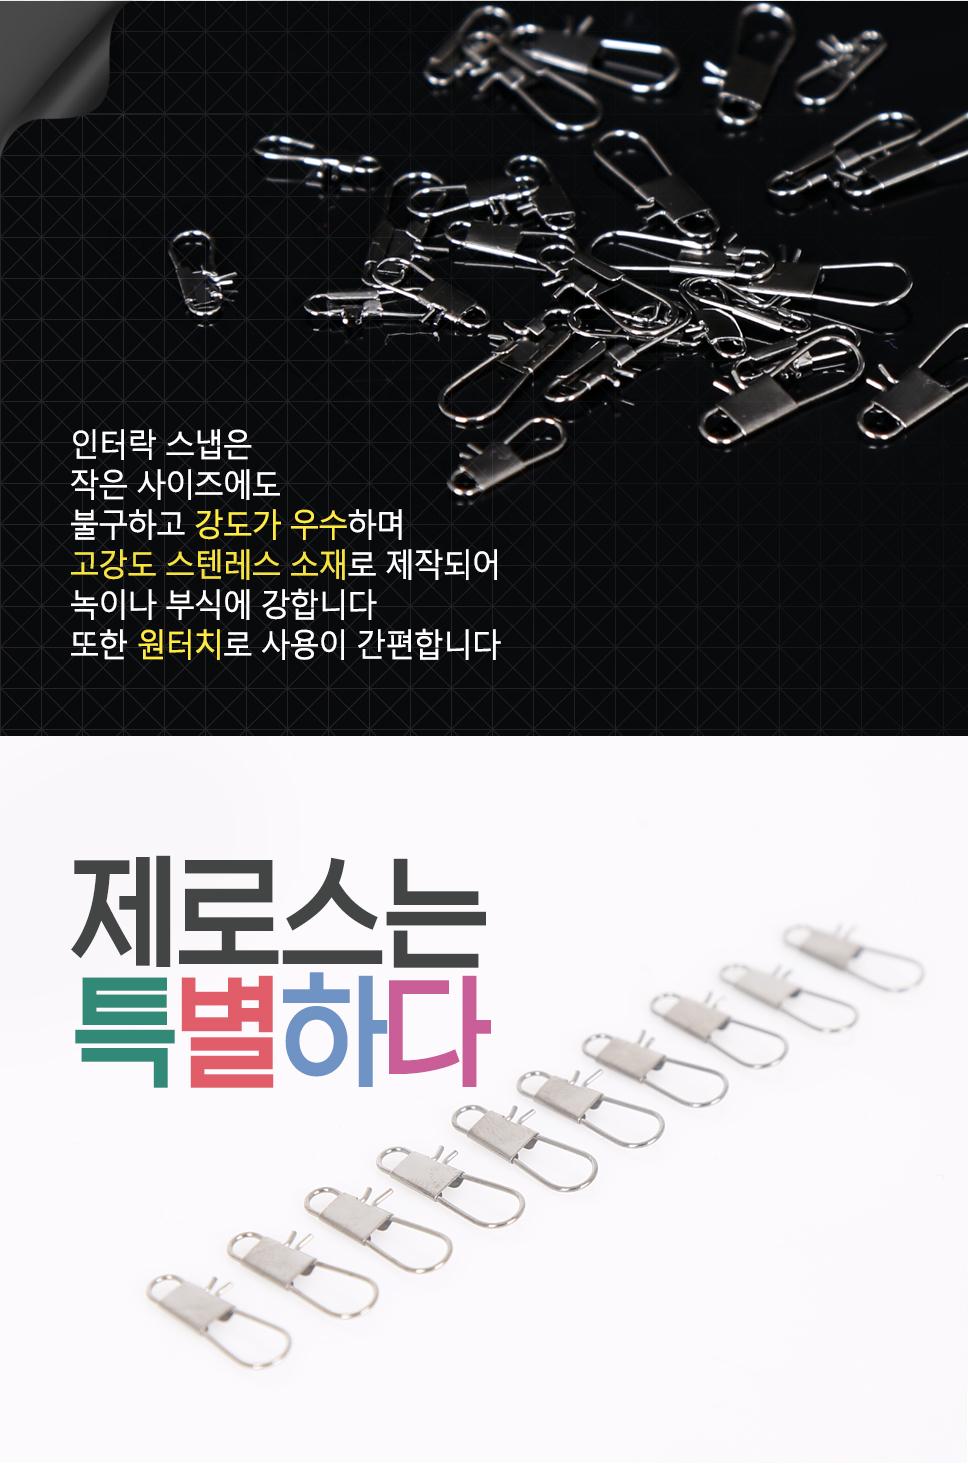 제로스 인터락스냅 ZE-H6002 스냅도래 u자스냅 u자도래 도래 원터치스냅 락스앱 락도래